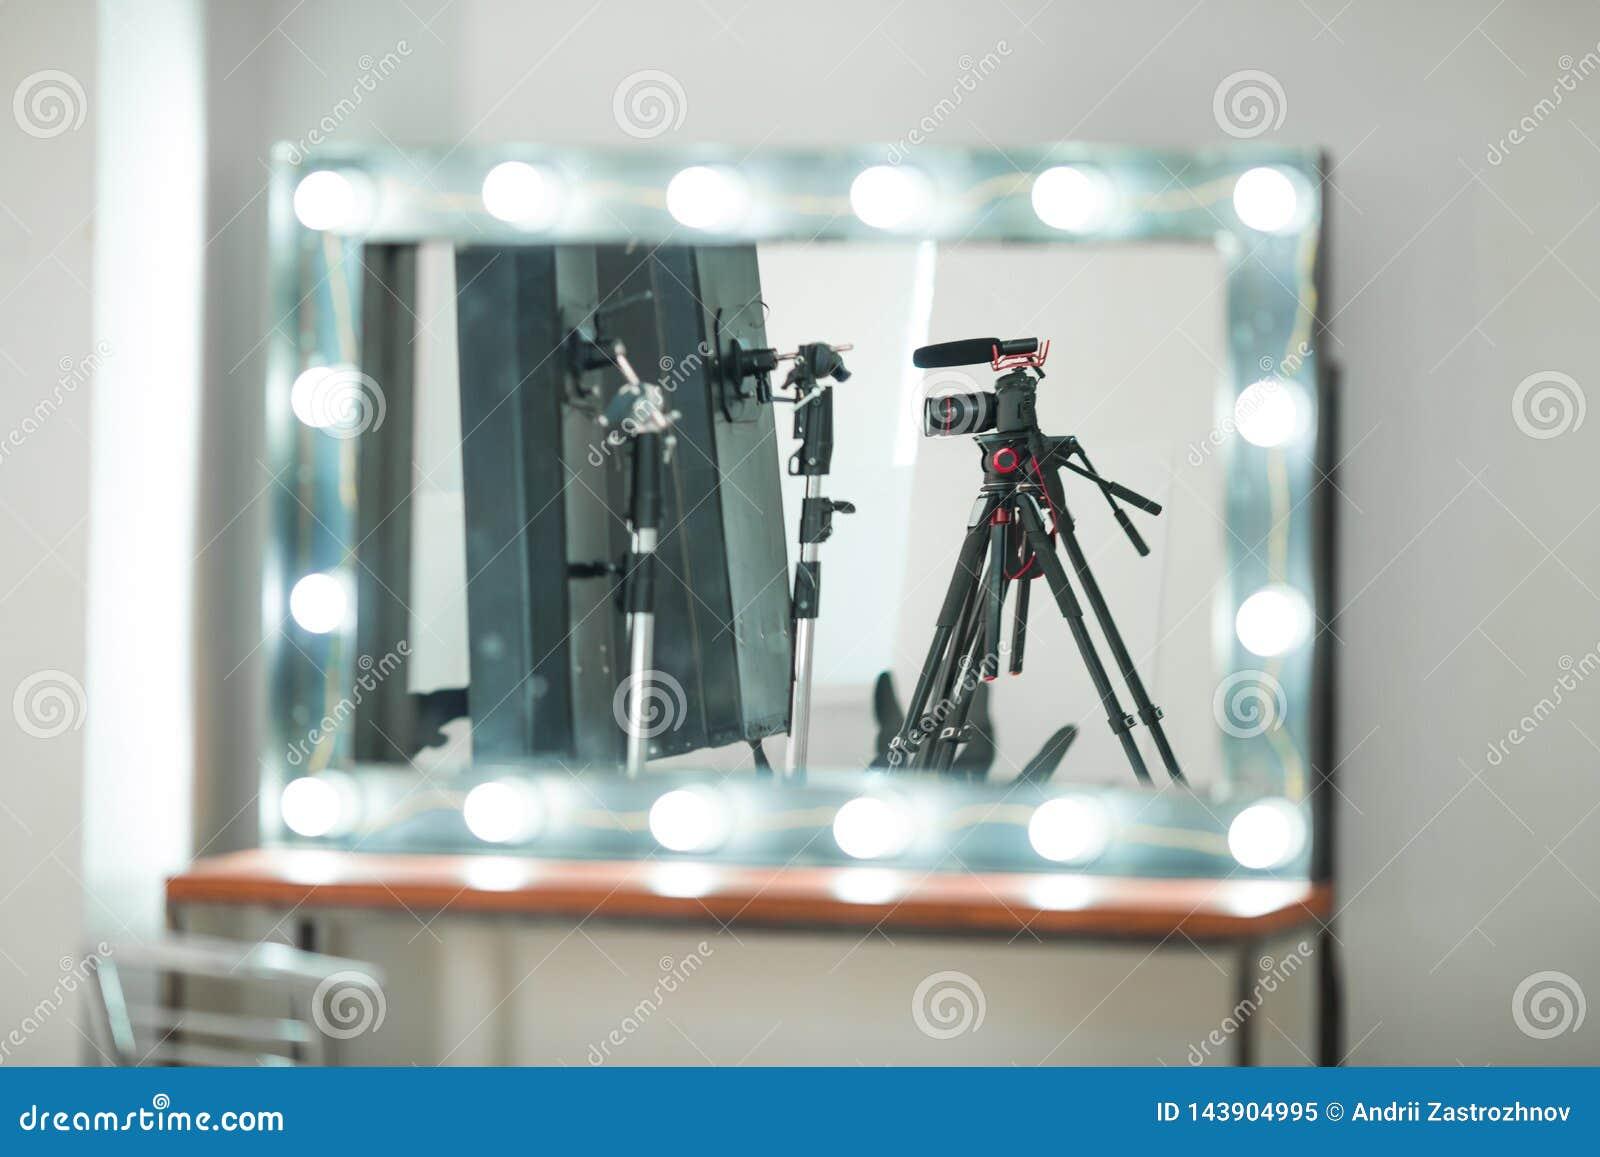 Konzeptinterview, Digitalkamera auf einem Stativ mit einem Mikrofon im Studio auf einem weißen Hintergrund in der Spiegelreflexio